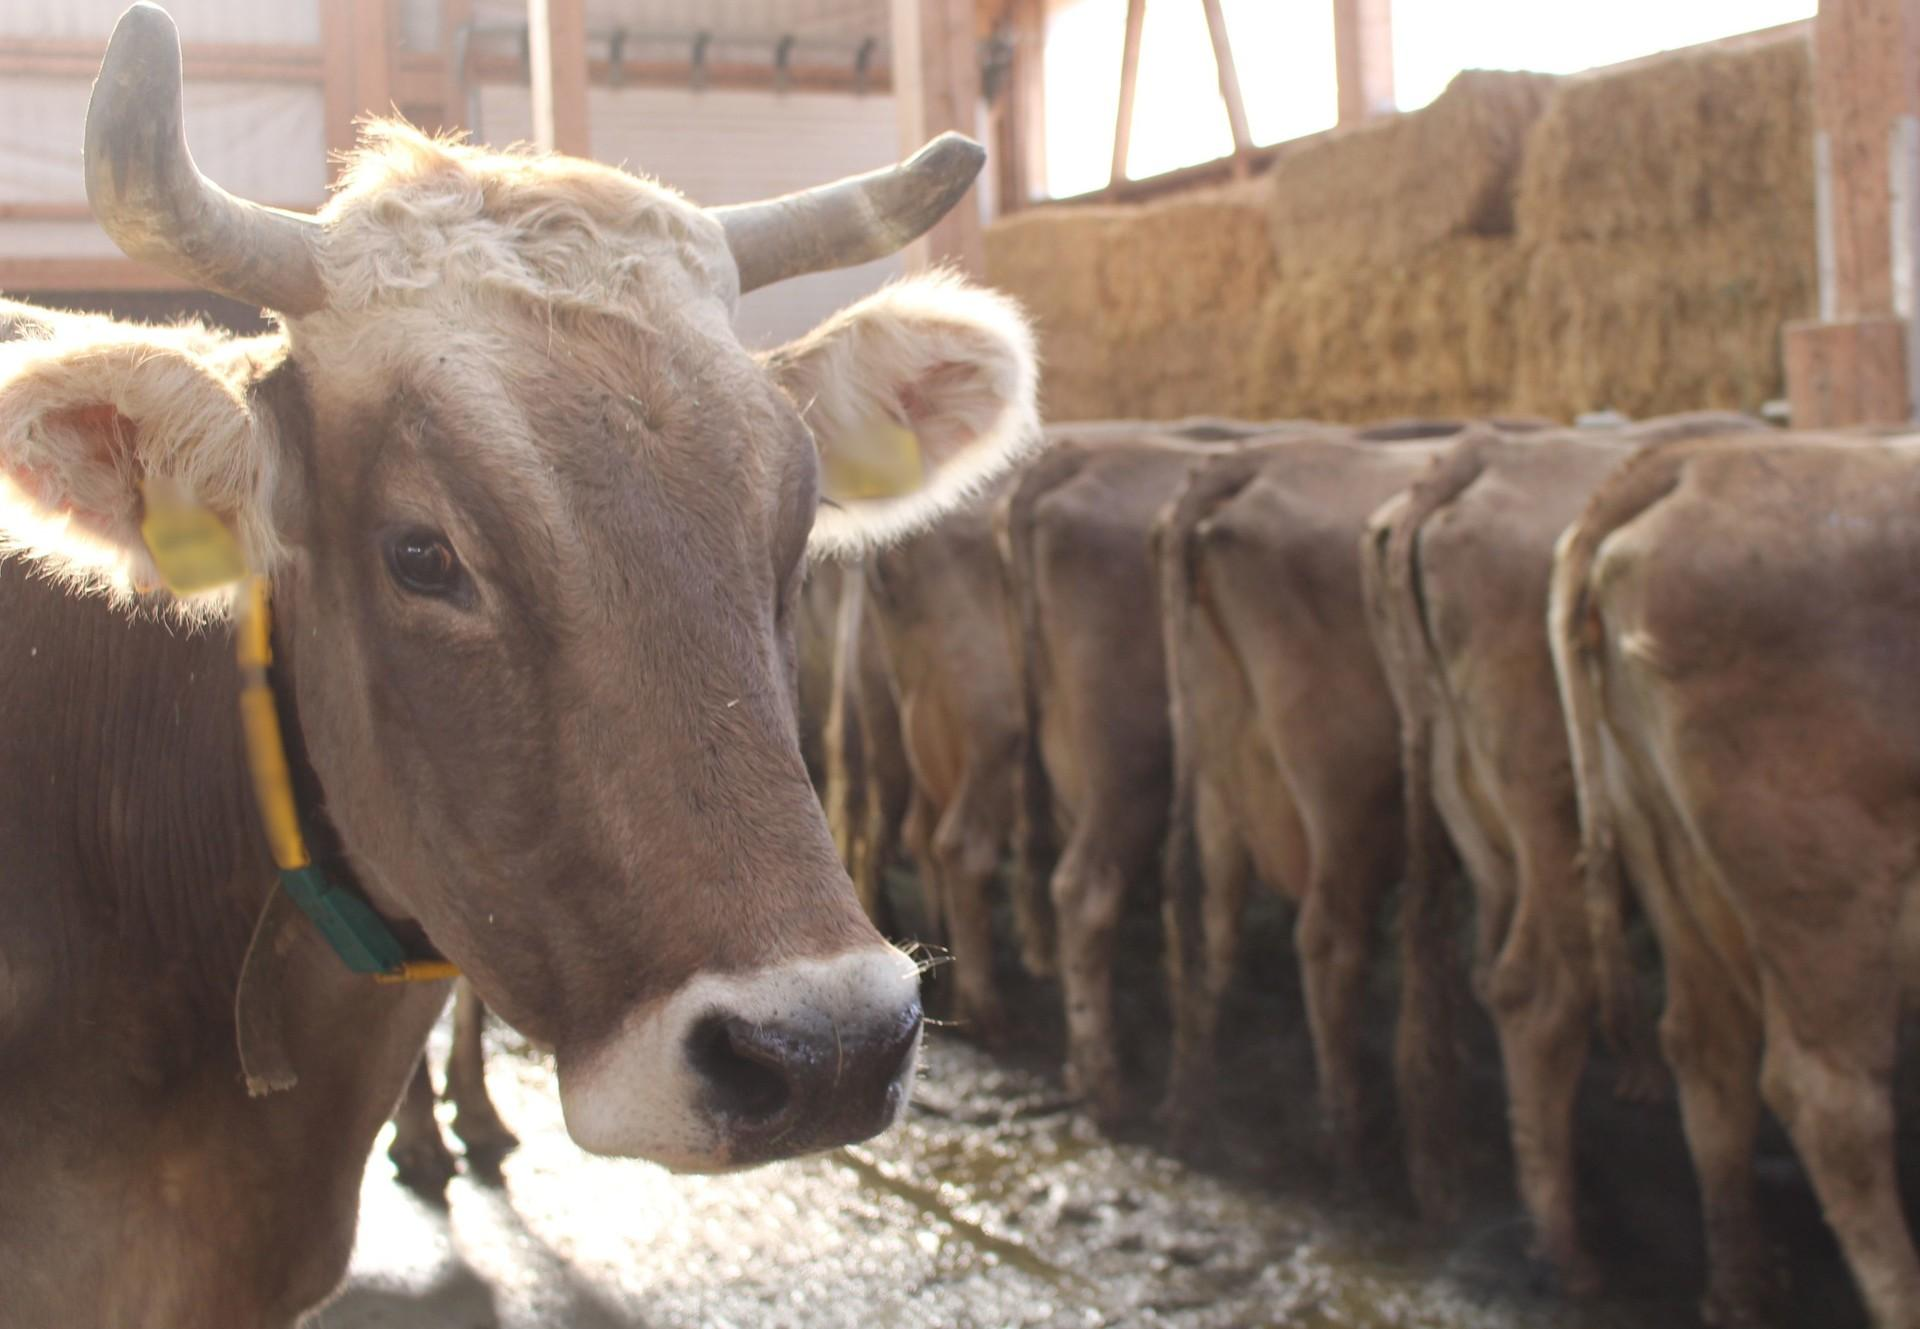 Milchkühe auf einem kontrollierten Betrieb